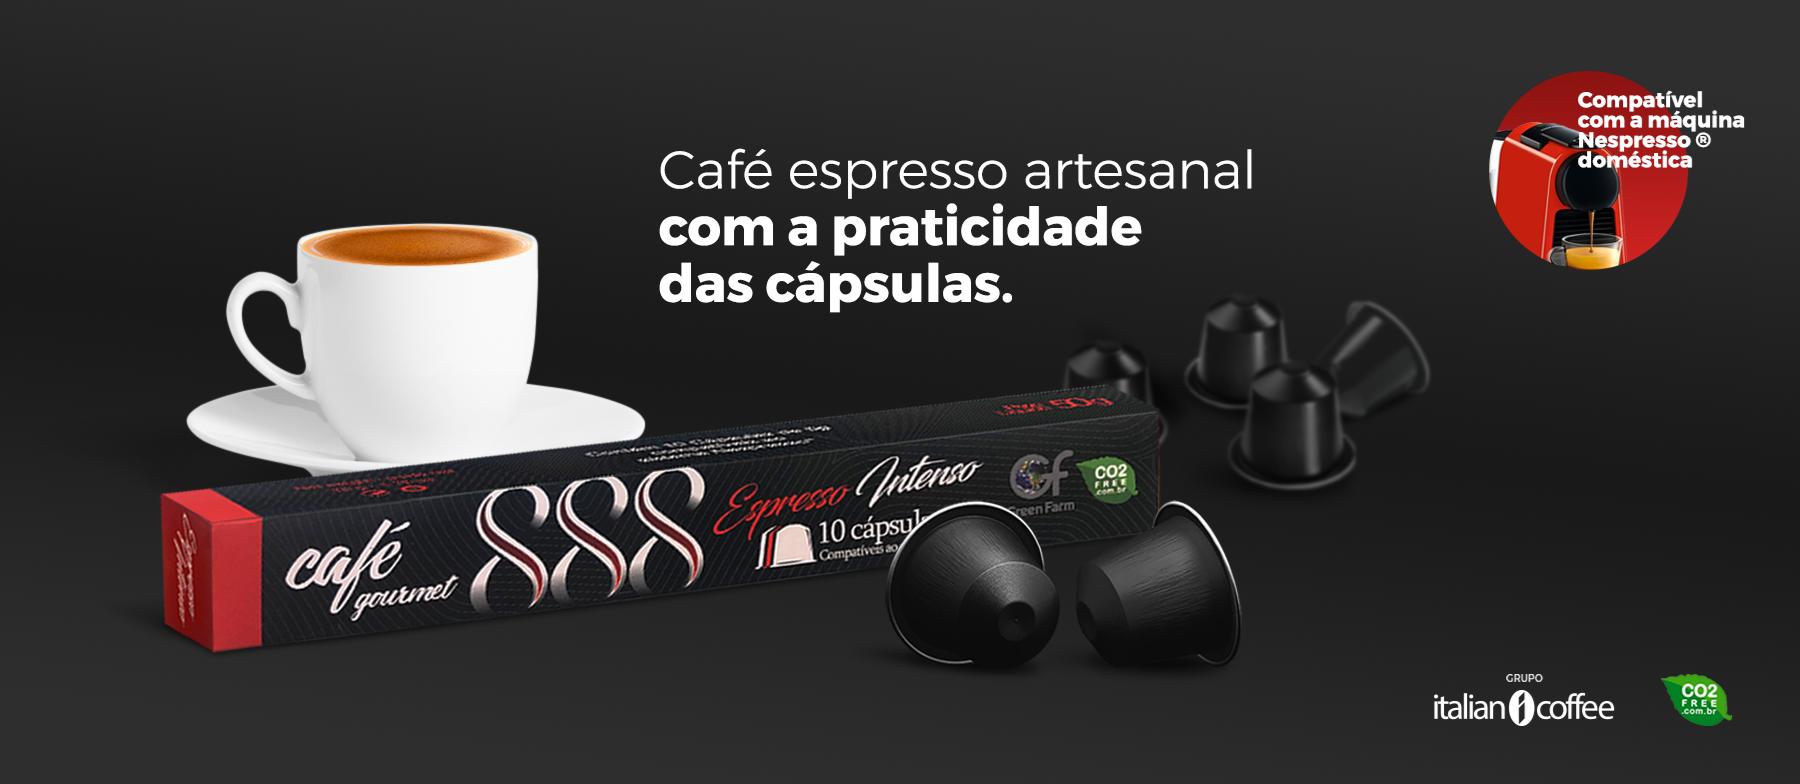 Compatíveis com Nespresso Doméstica